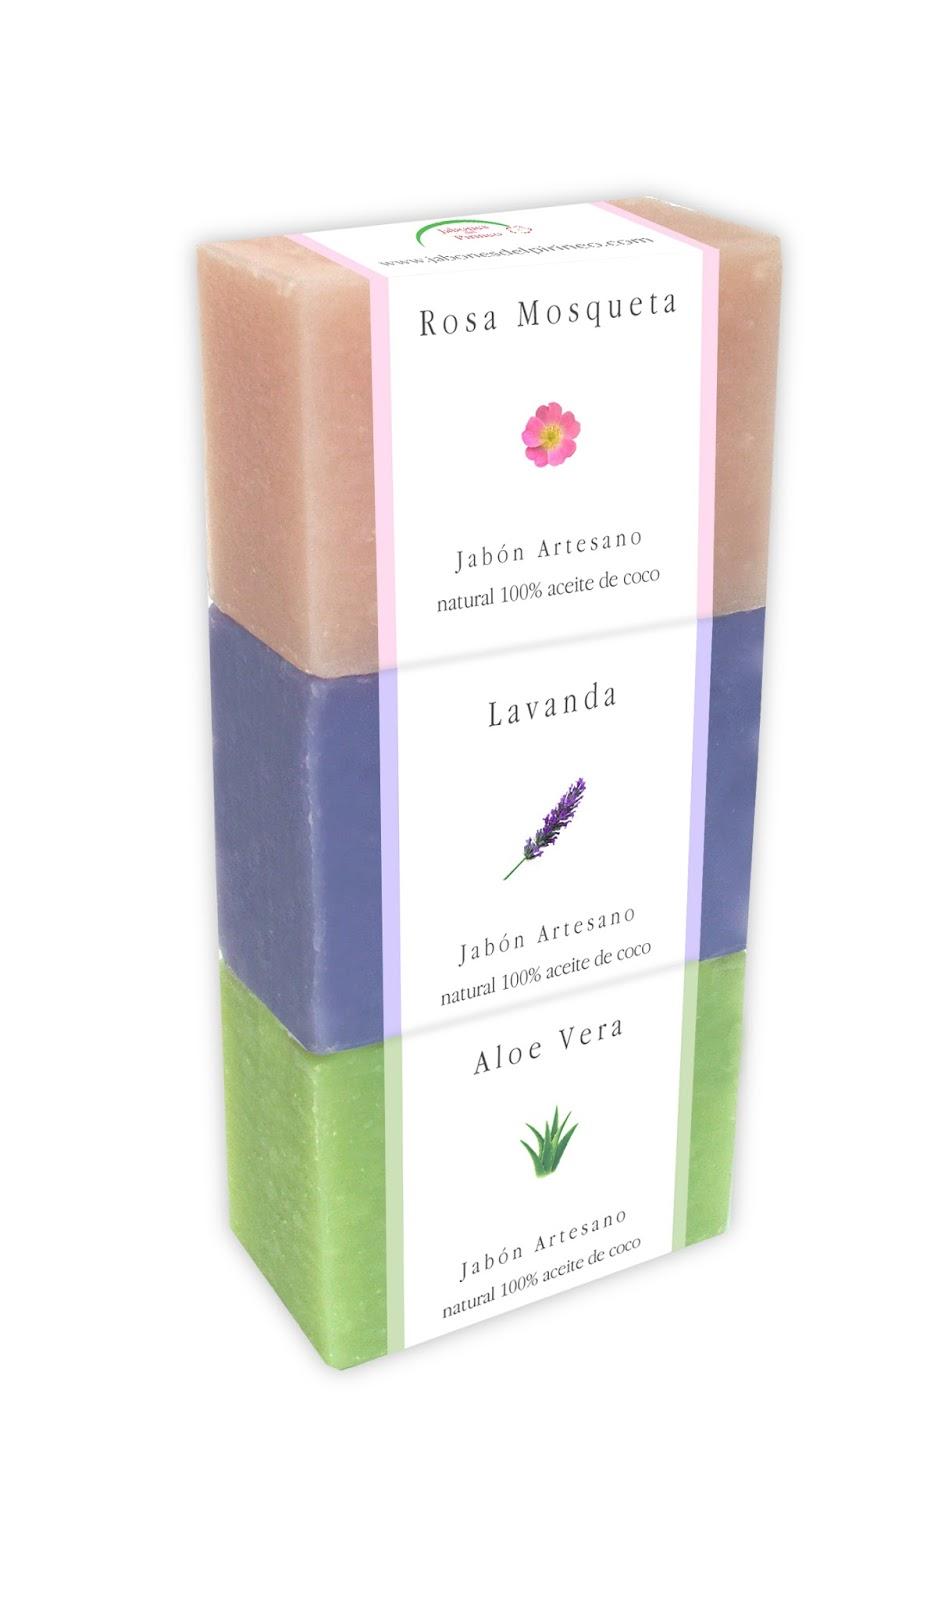 Jabones de Rosa Mosqueta, Lavanda y Aloe Vera